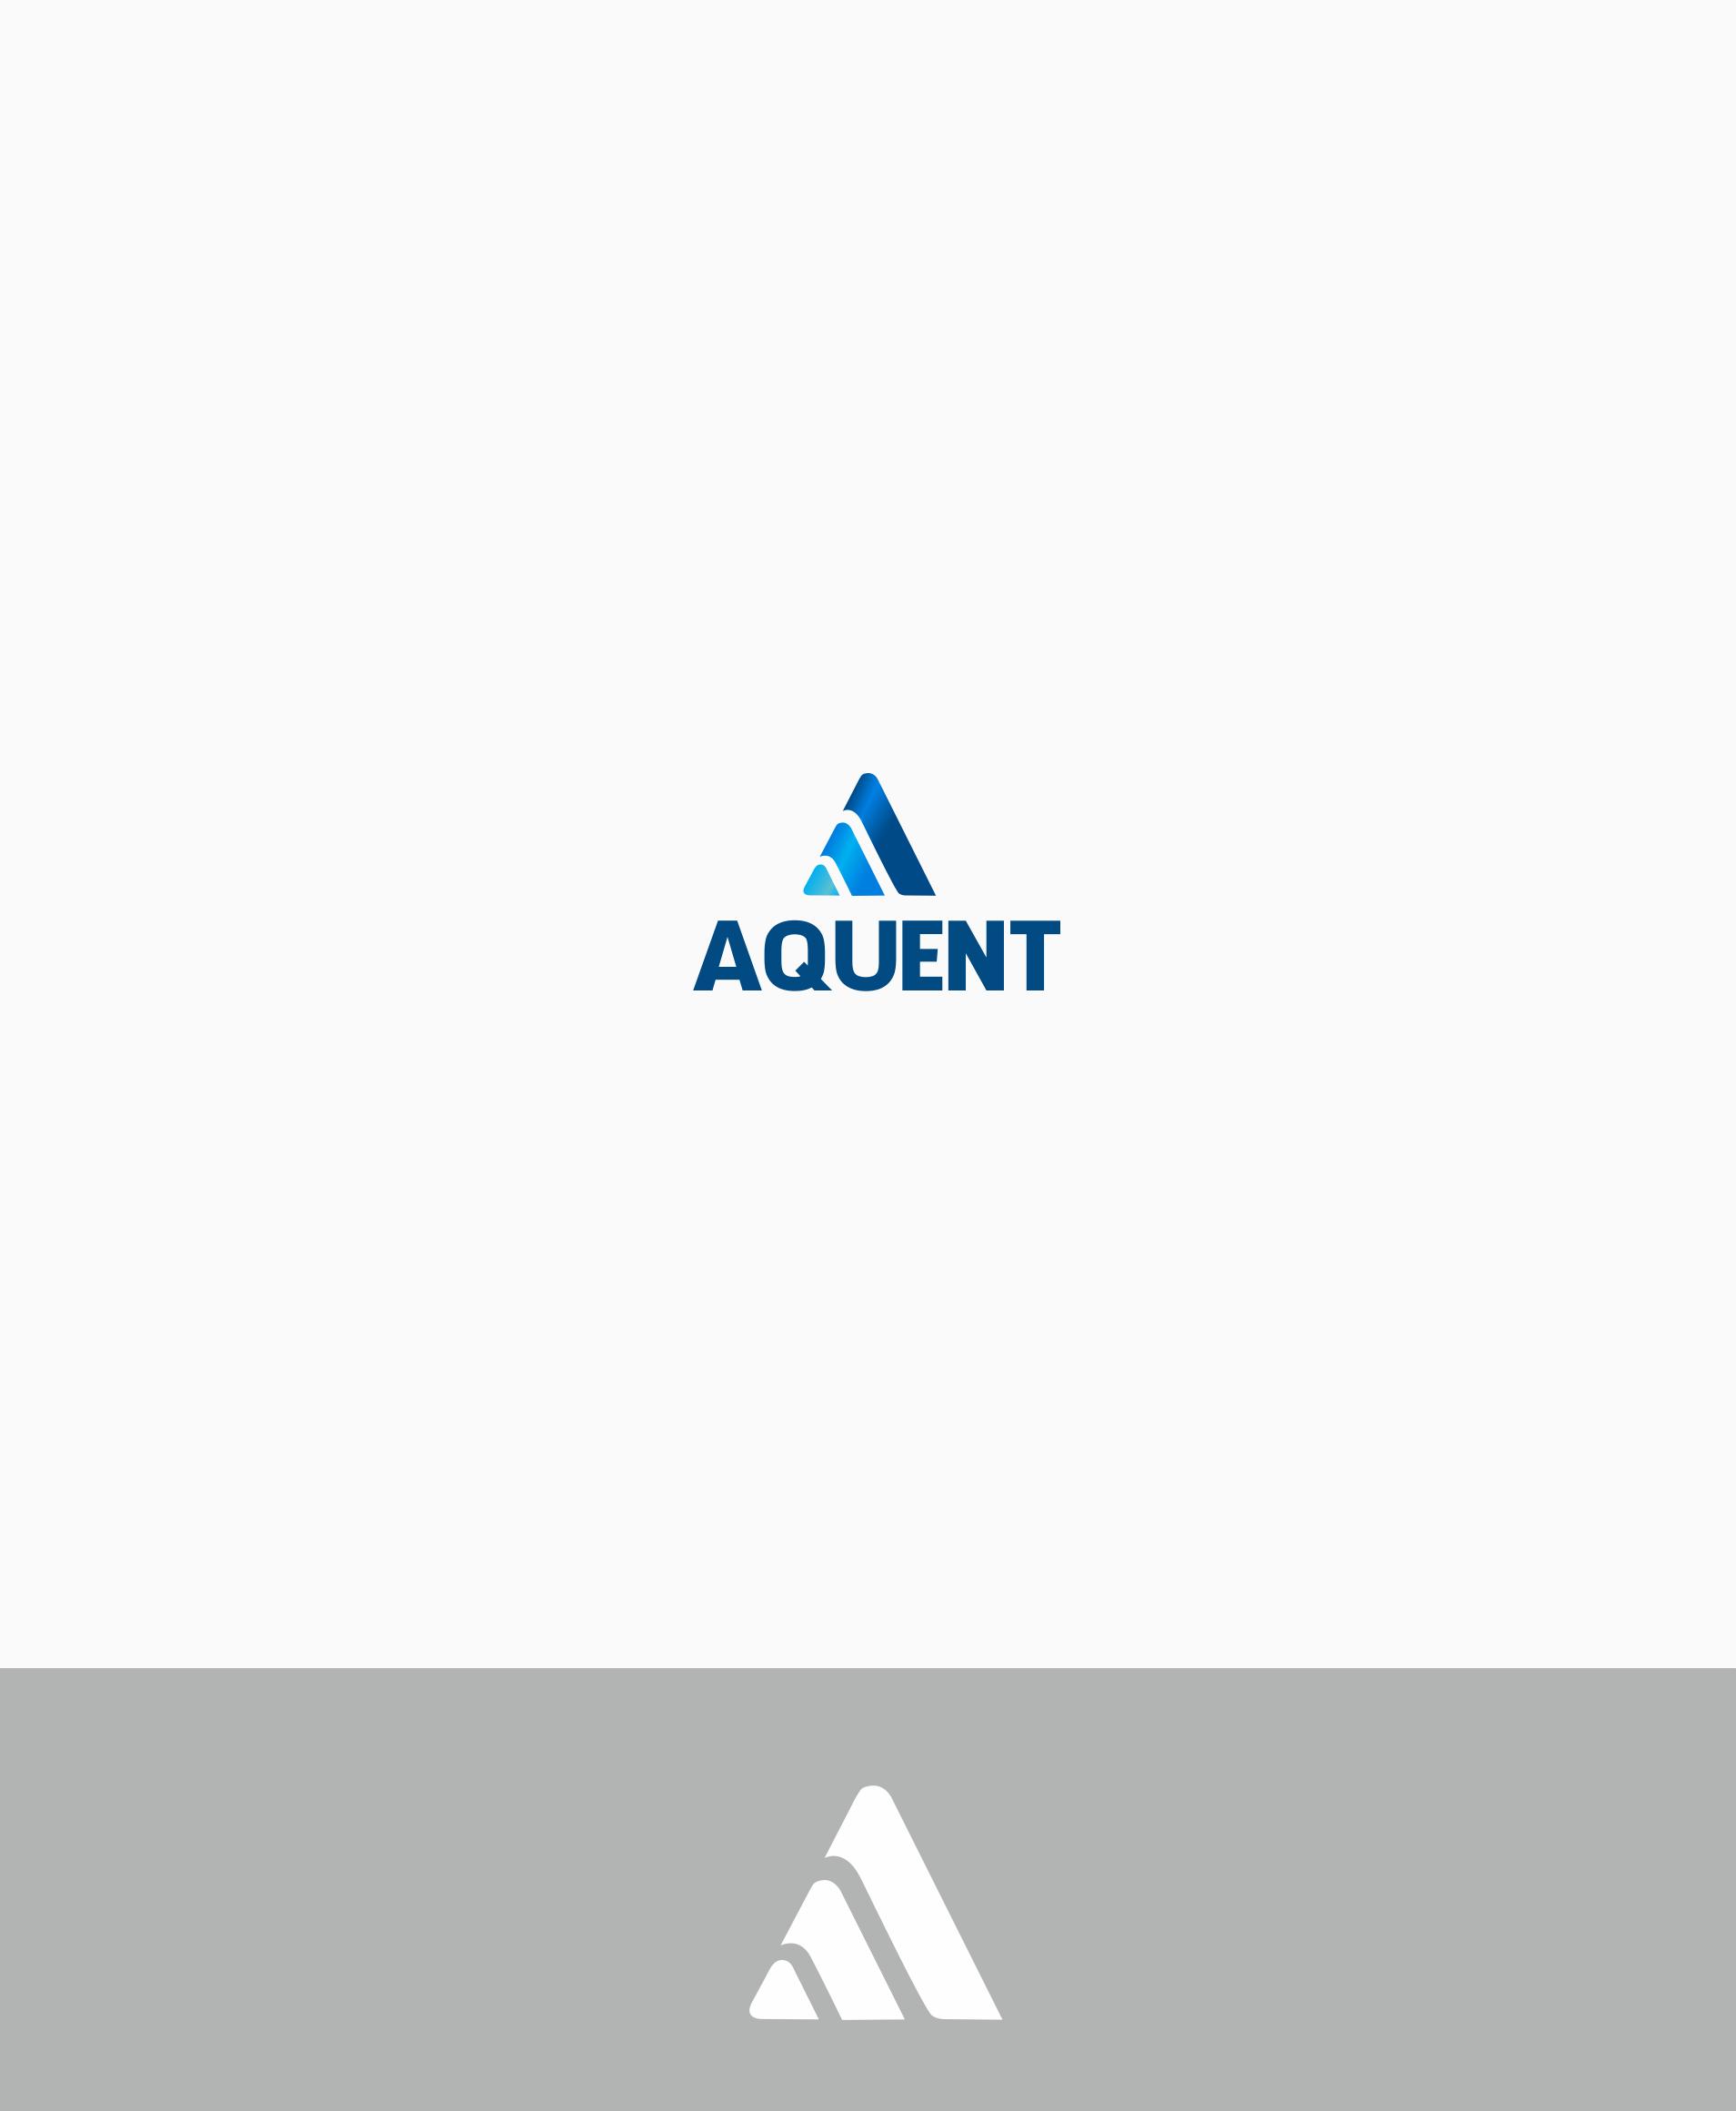 Логотип AQVENT фото f_9935285e88b38590.png